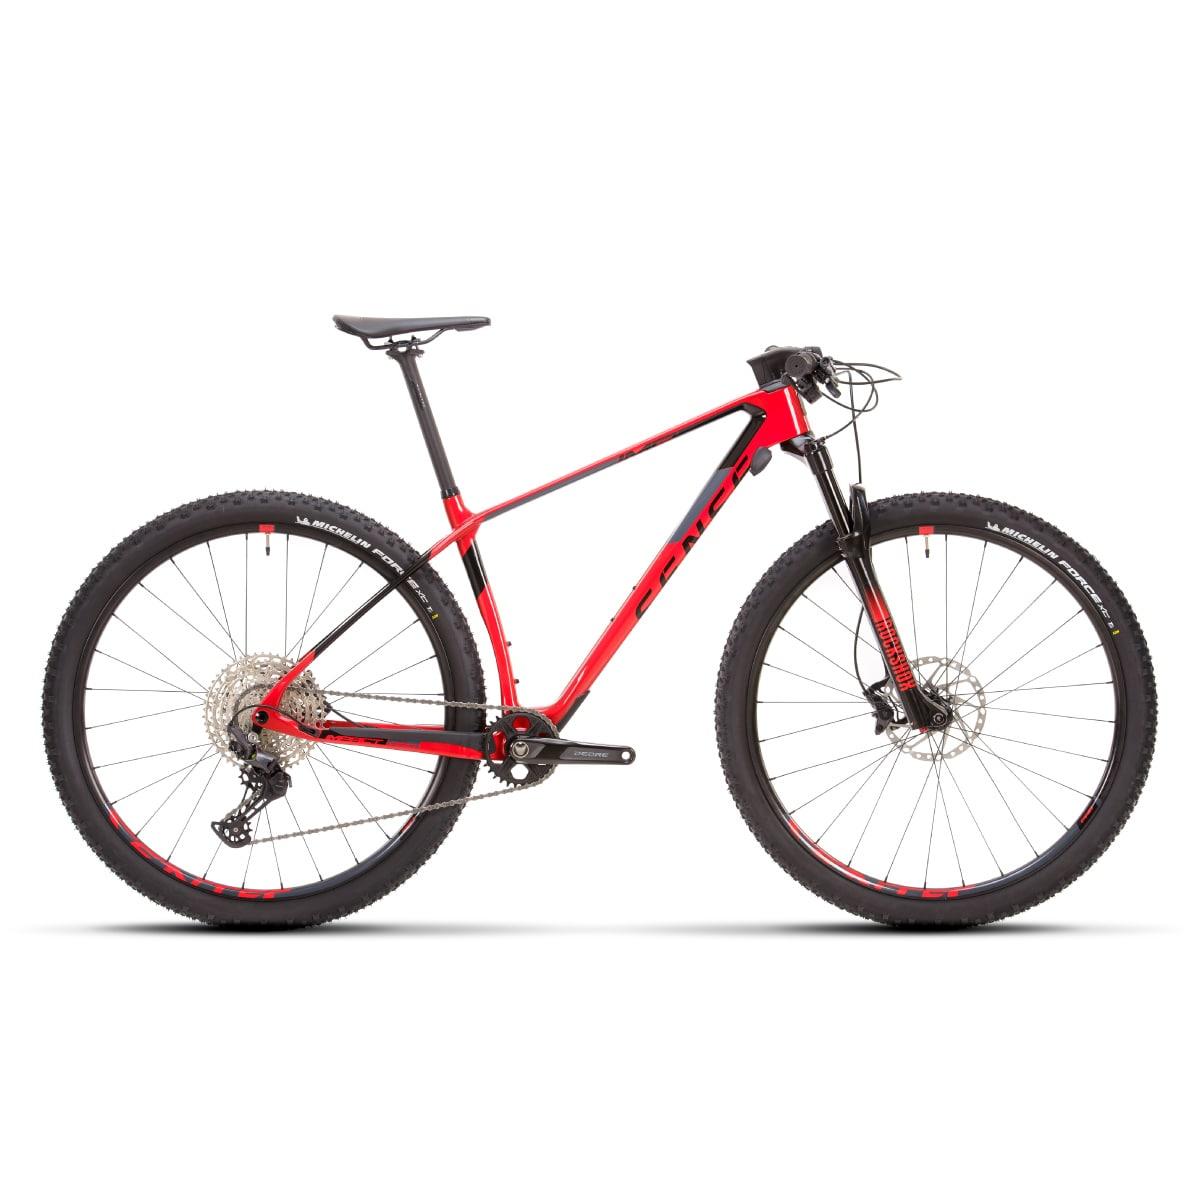 Bike sense Impact Carbon Pro 2021 Shimano Deore 12v Vermelho e Cinza